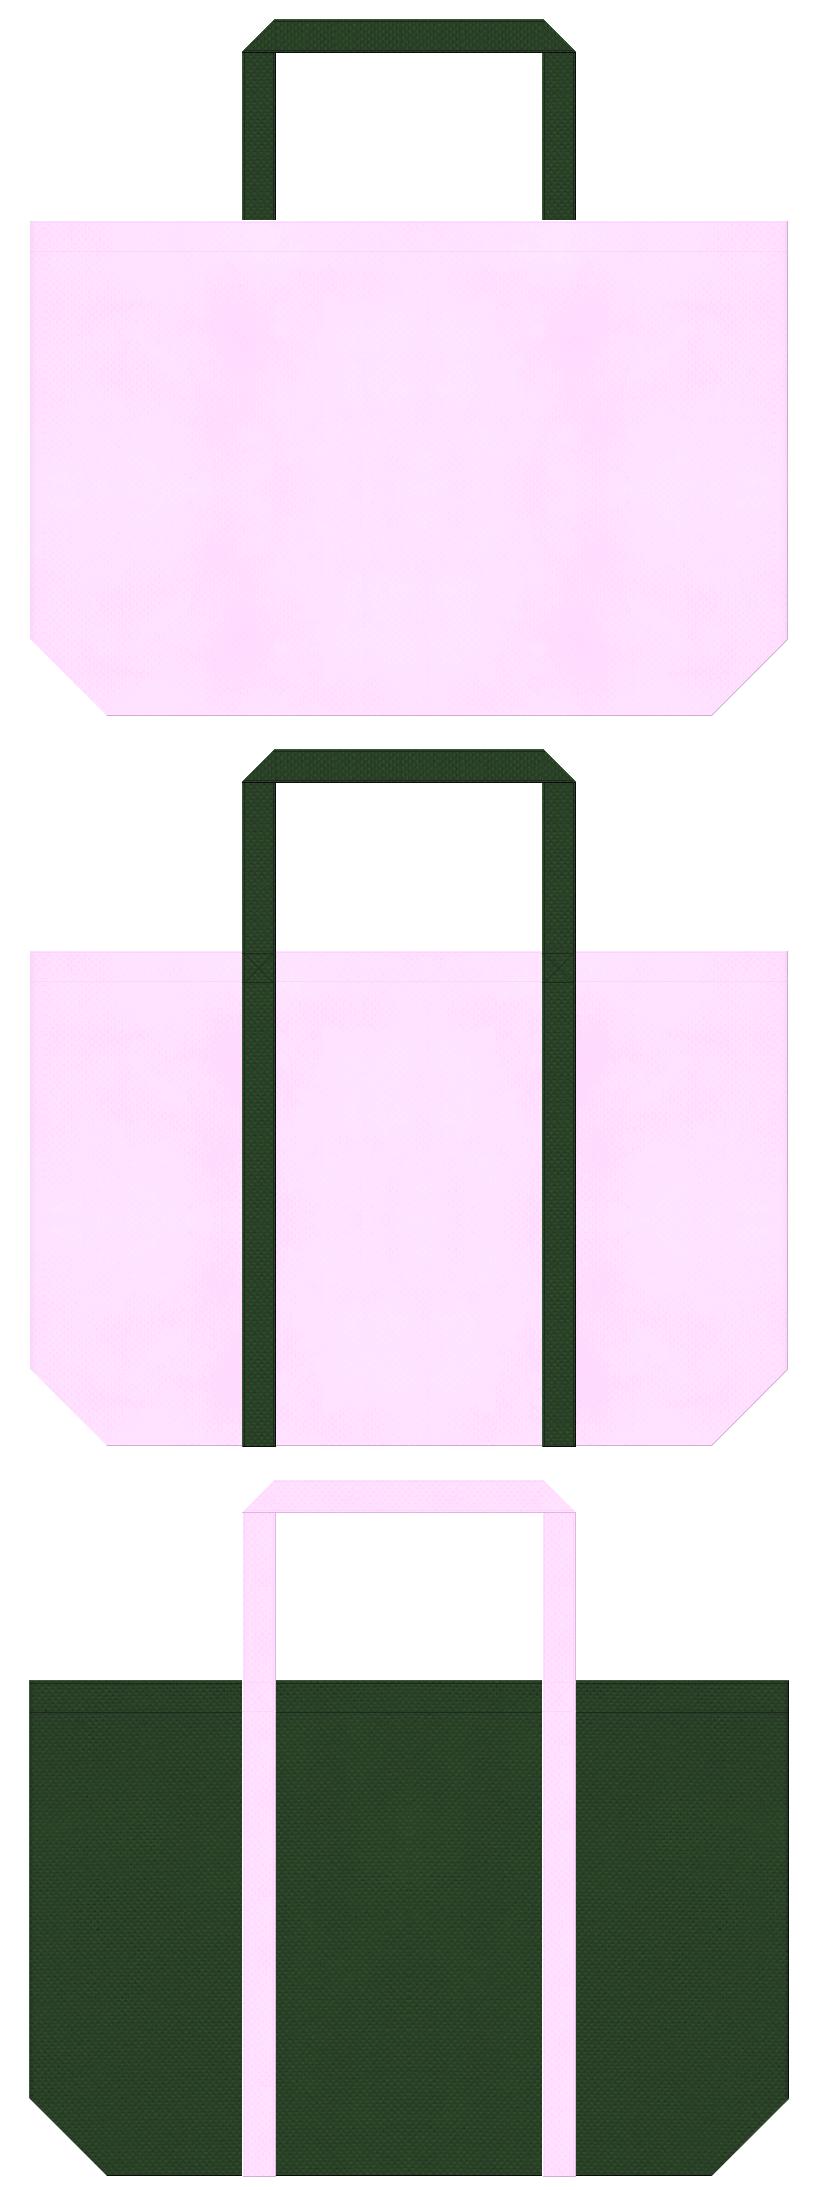 明るいピンク色と濃緑色の不織布バッグデザイン。和風柄にお奨めです。